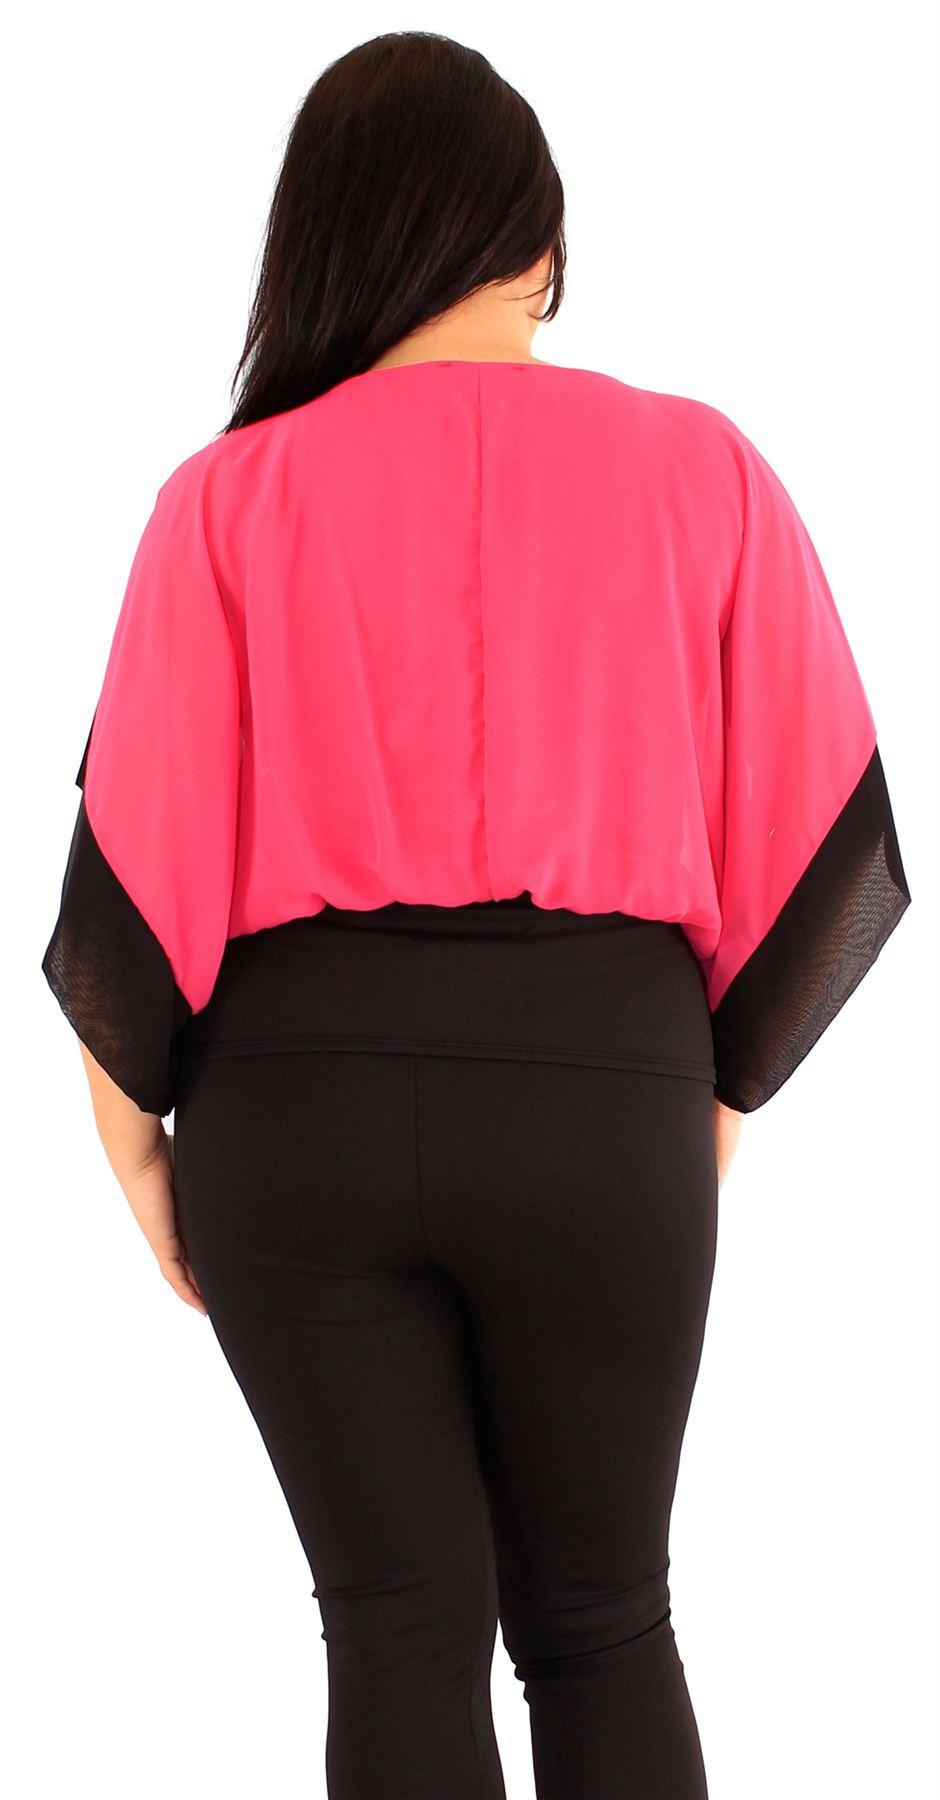 Nouveau Trendy femmes Plus Taille Contraste Couleur Corset Ourlet kimono manches Tops